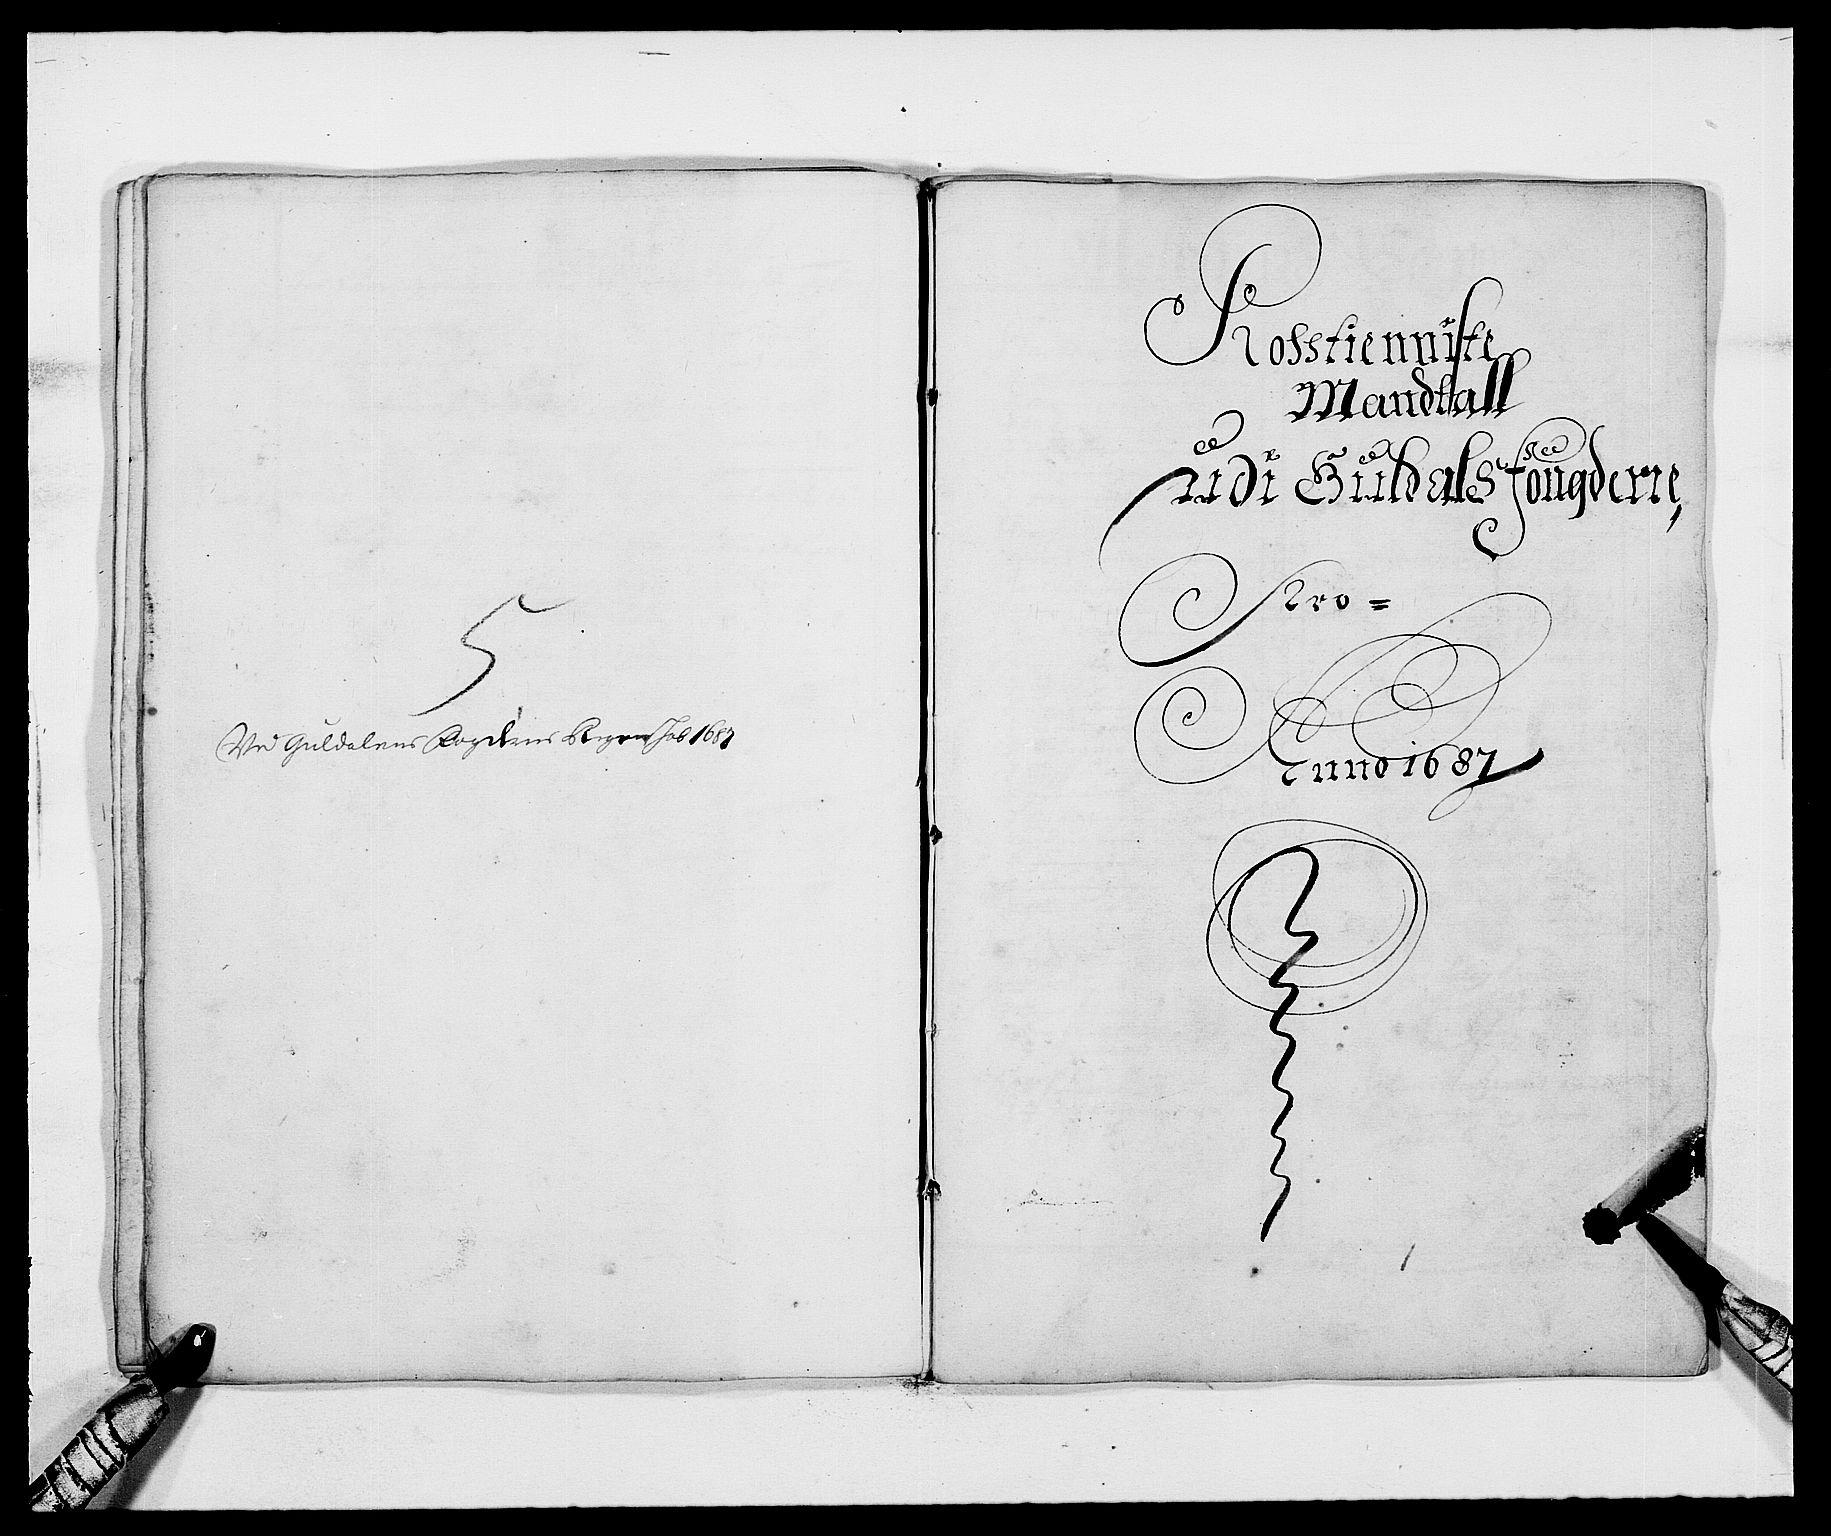 RA, Rentekammeret inntil 1814, Reviderte regnskaper, Fogderegnskap, R59/L3939: Fogderegnskap Gauldal, 1687-1688, s. 23